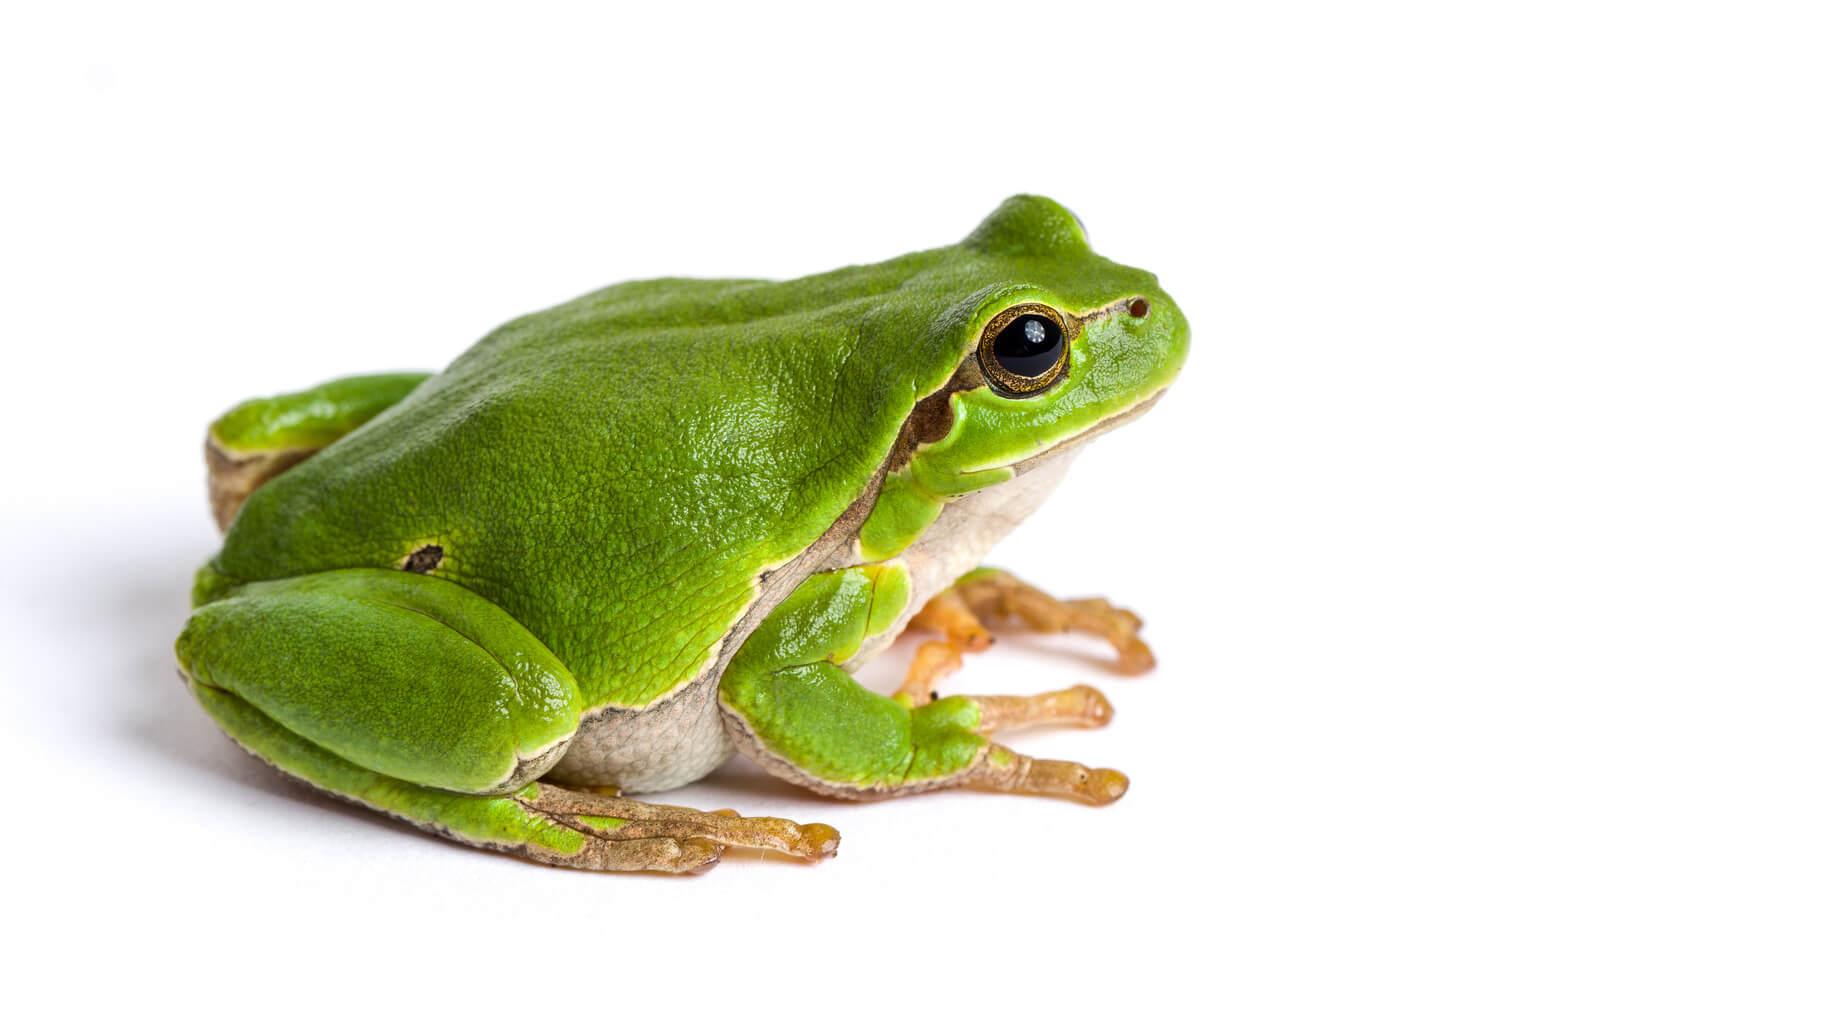 Grüner Frosch vor weißem Hintergrund